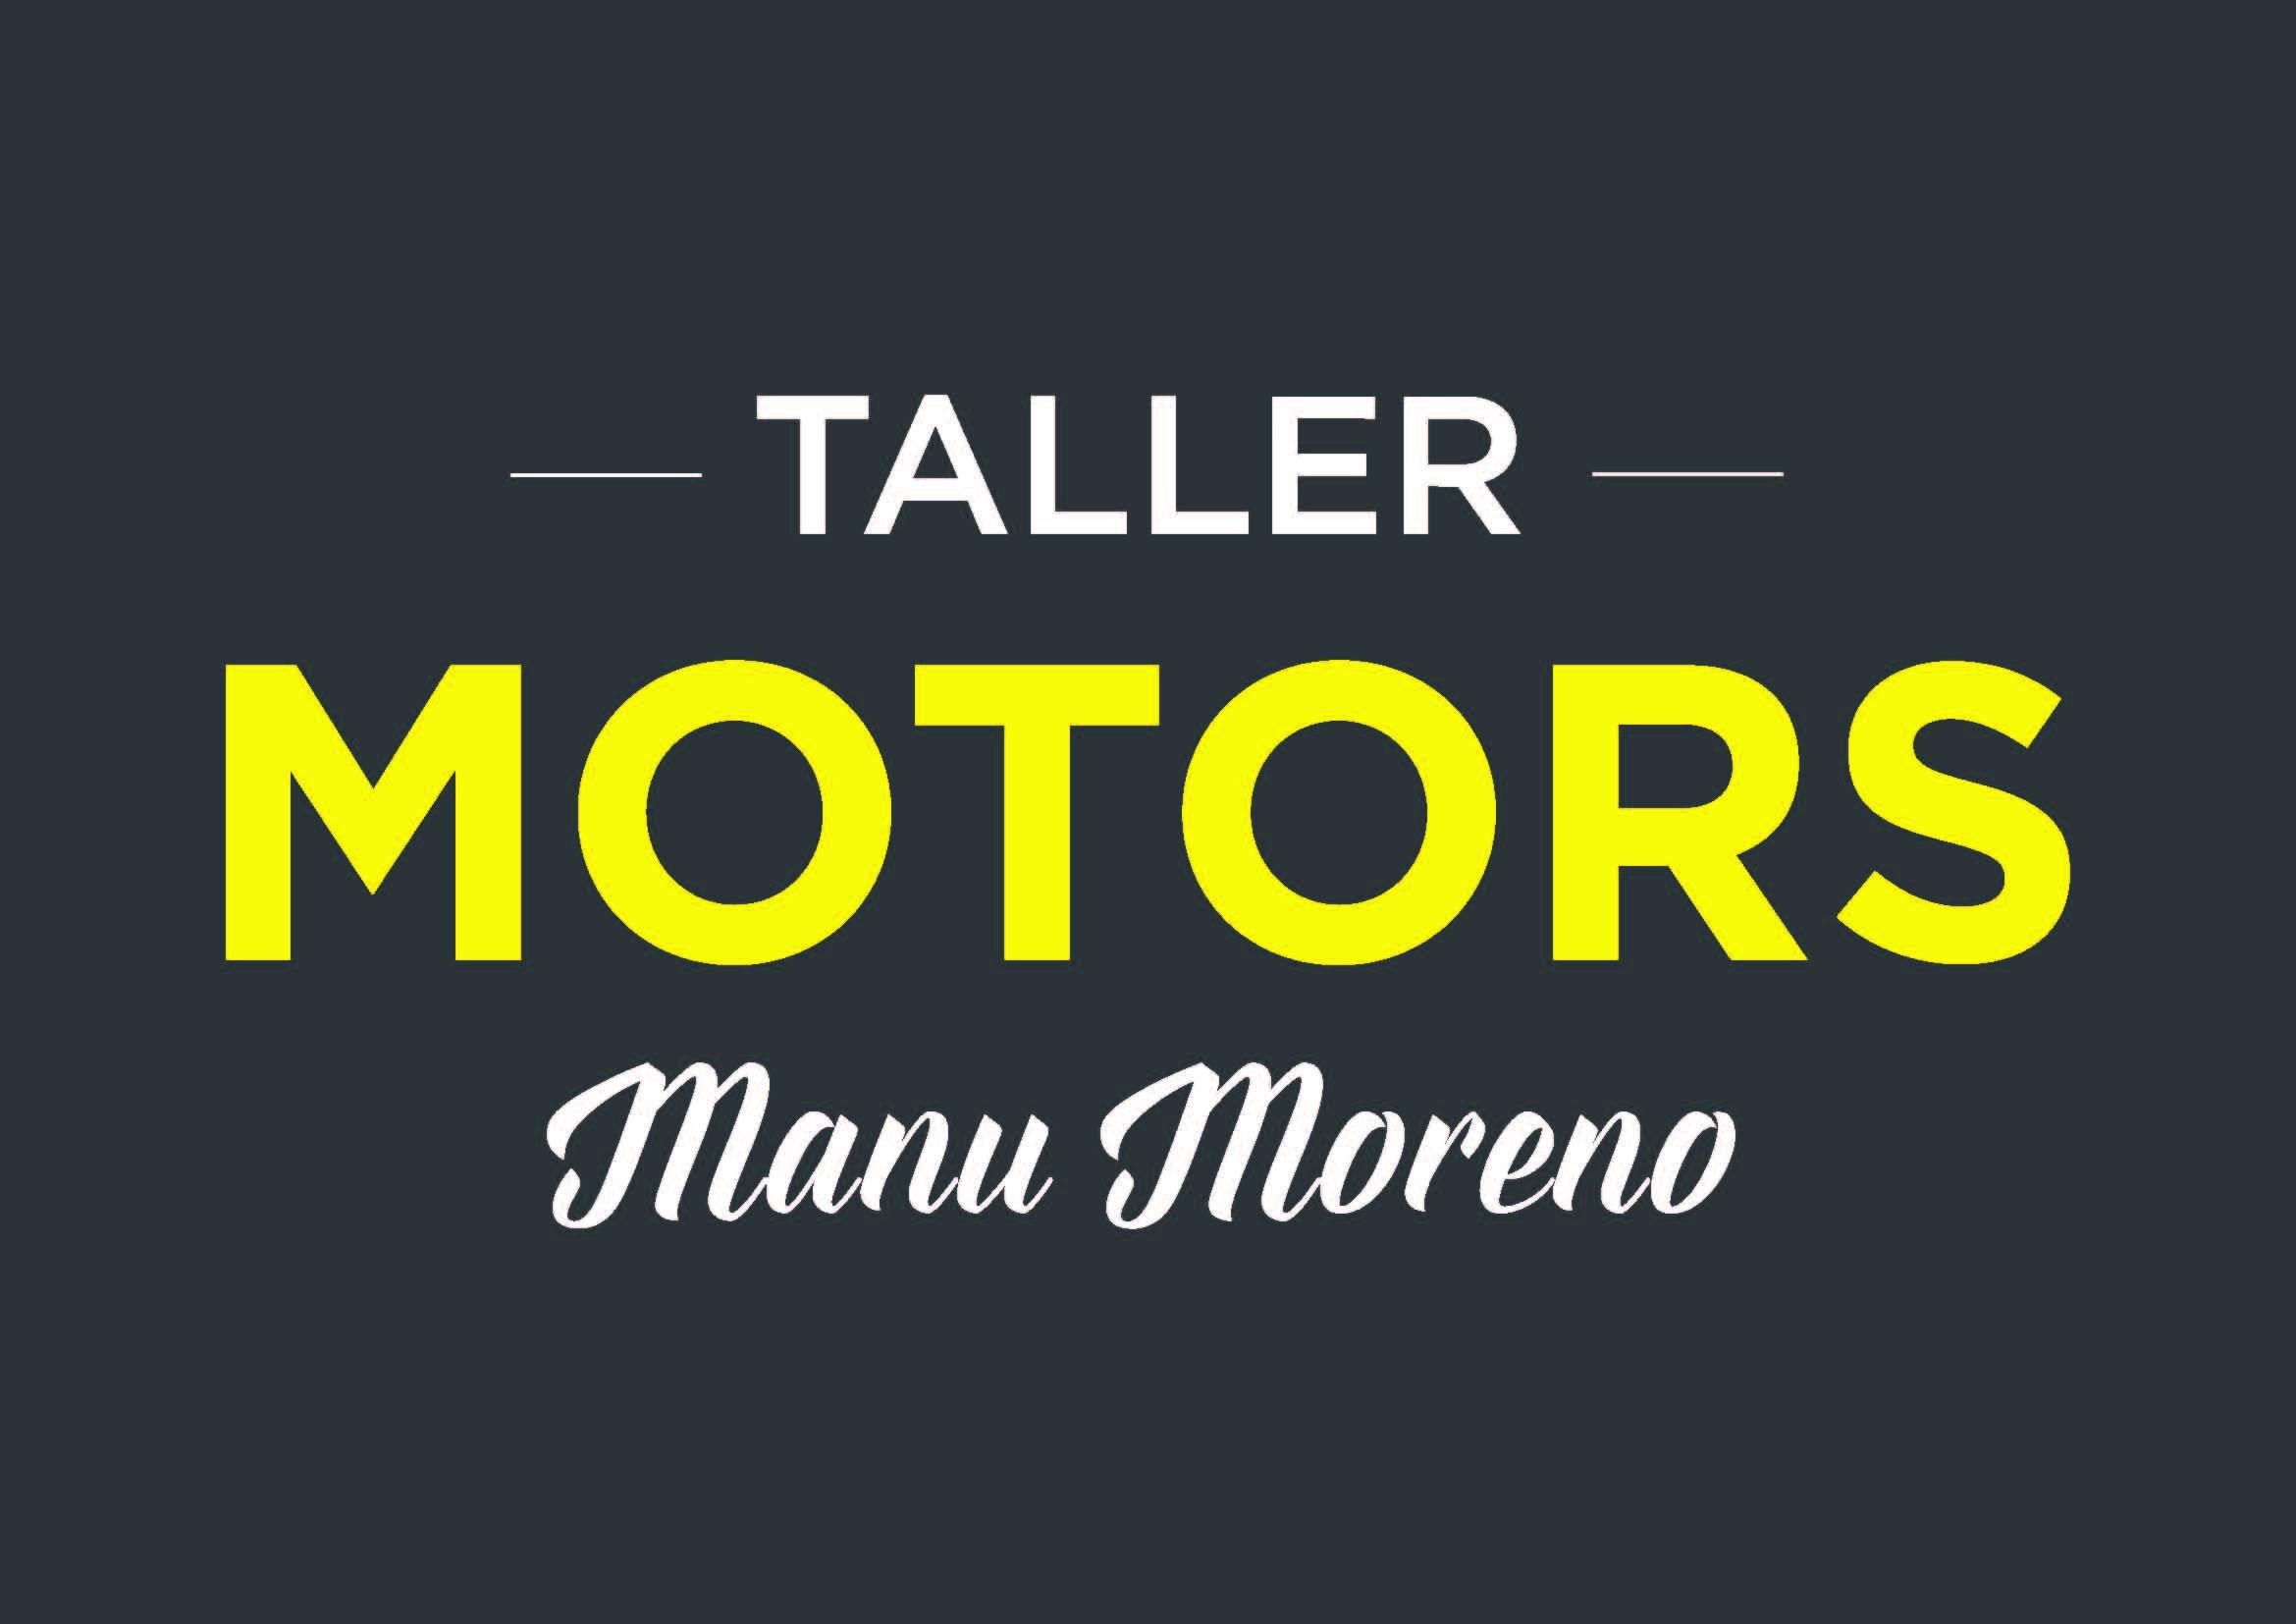 MOTORS MANU MORENO, C.B.